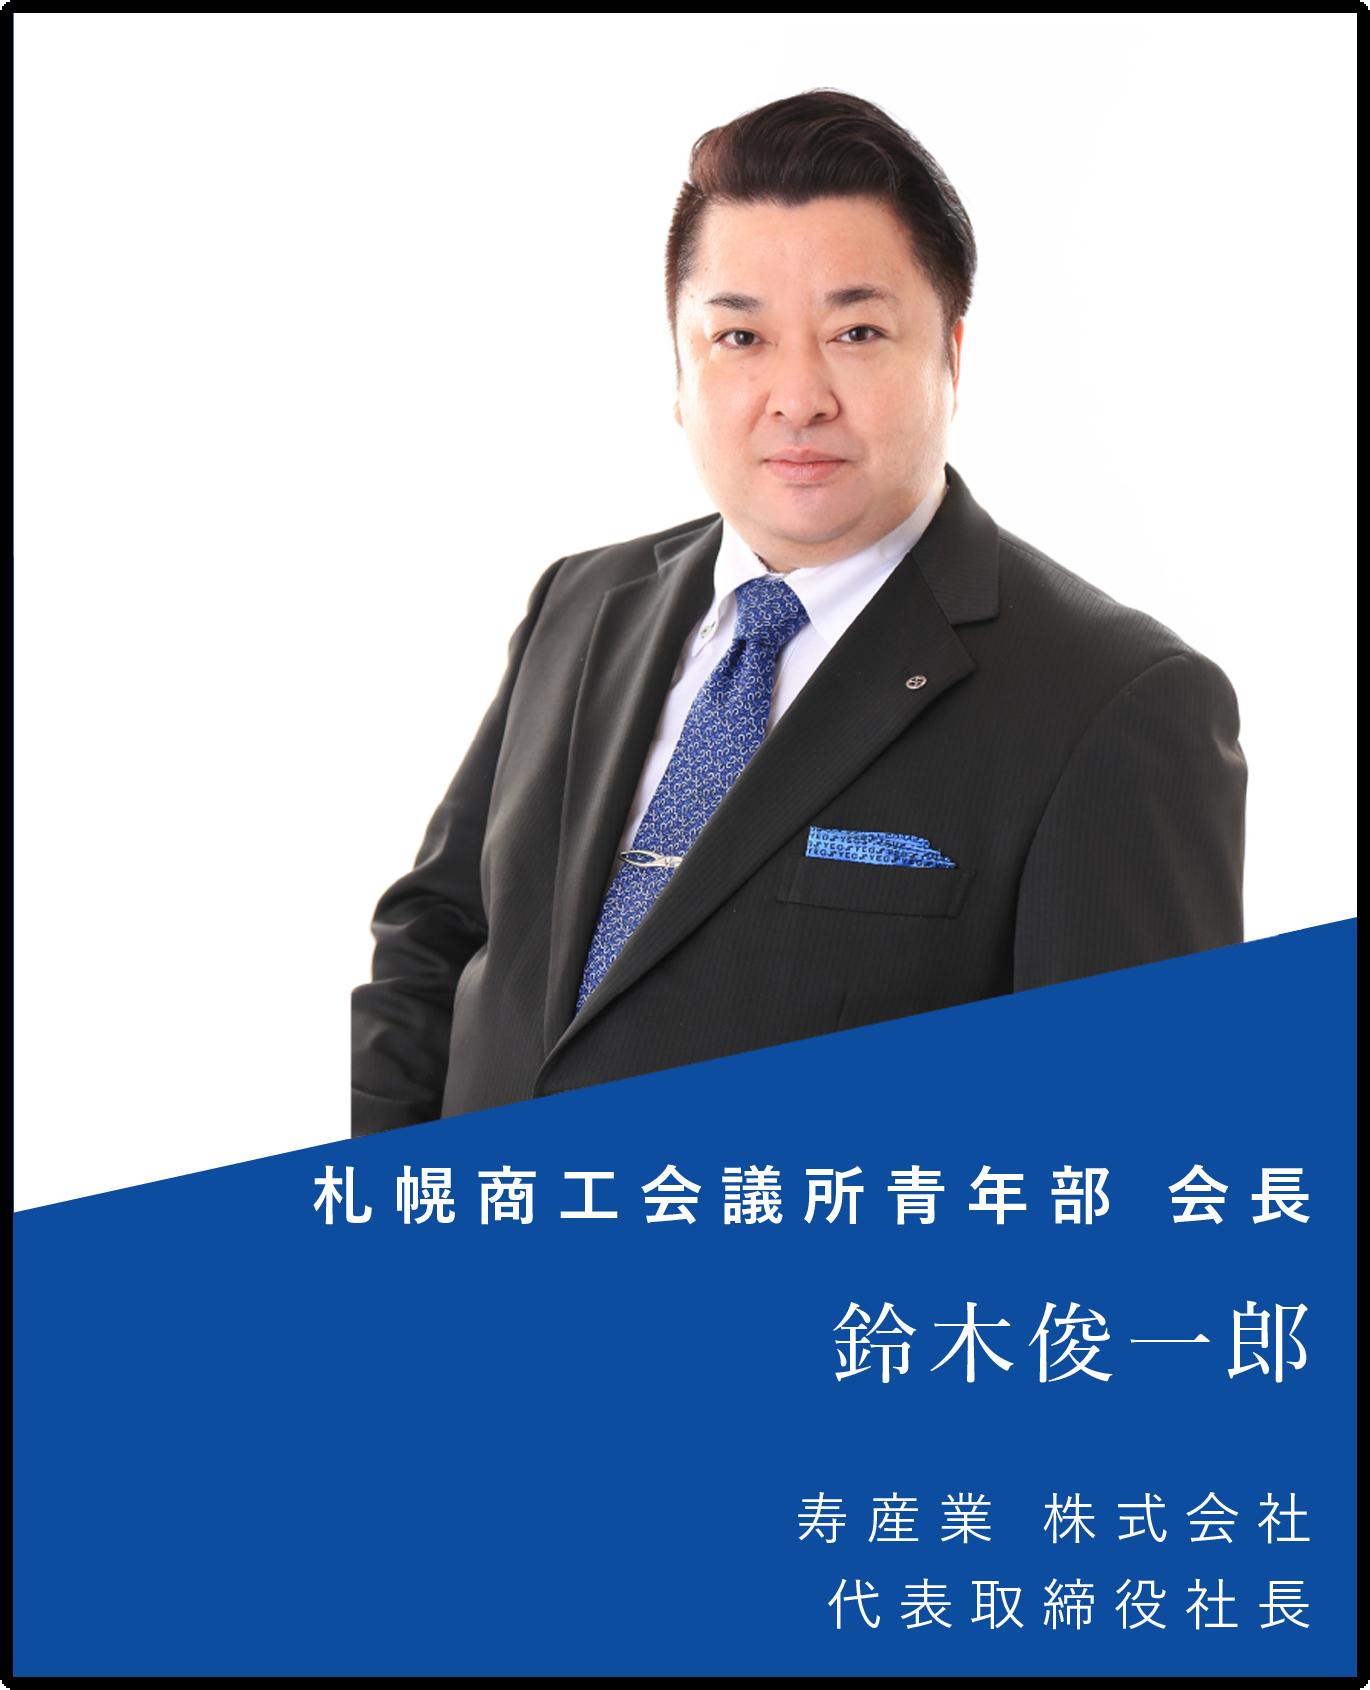 旭イノベックス 株式会社 代表取締役社長